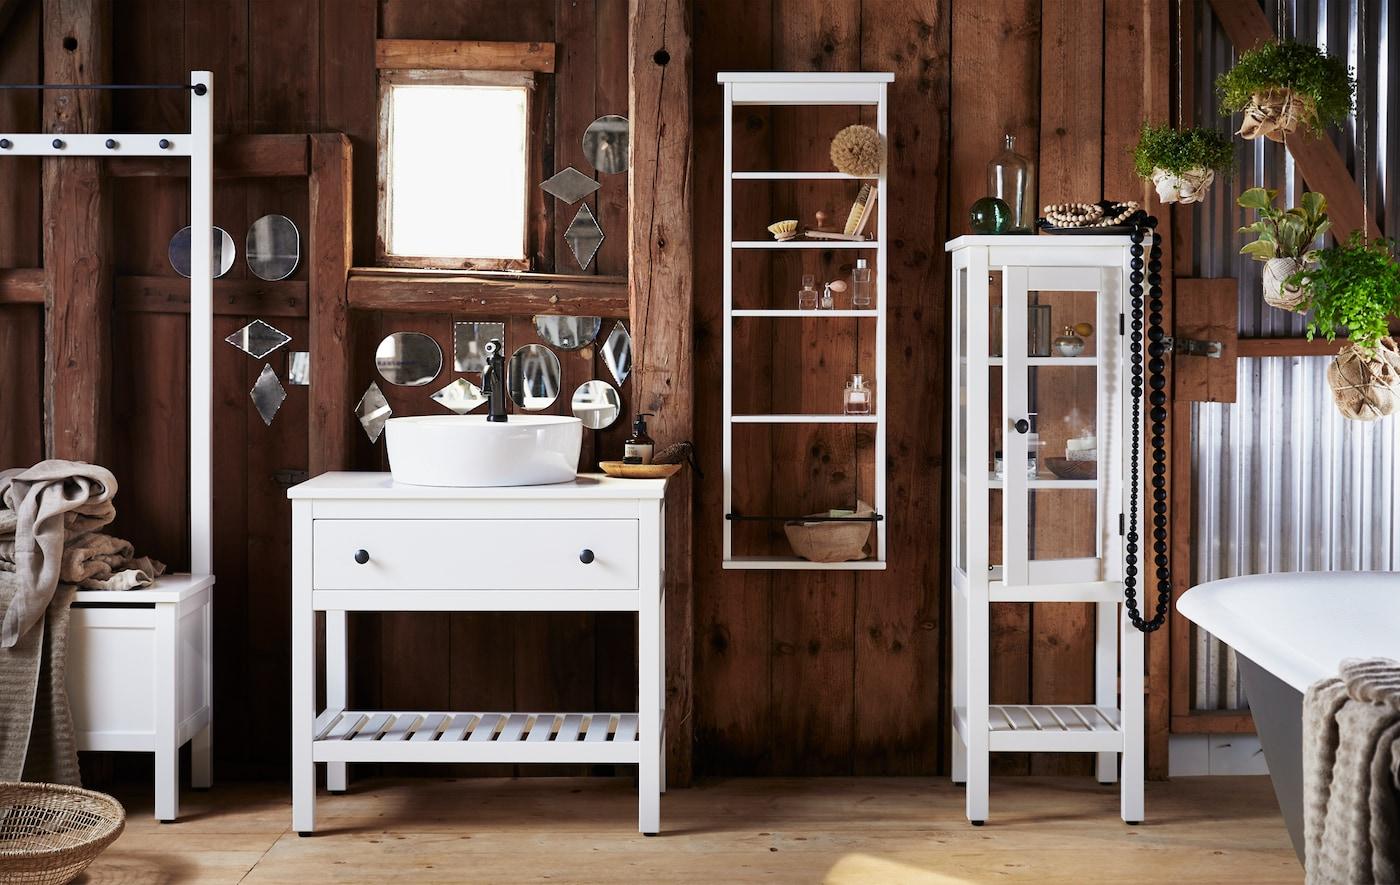 Uma casa de banho com paredes em madeira escura e móveis de arrumação em branco com estilo tradicional.